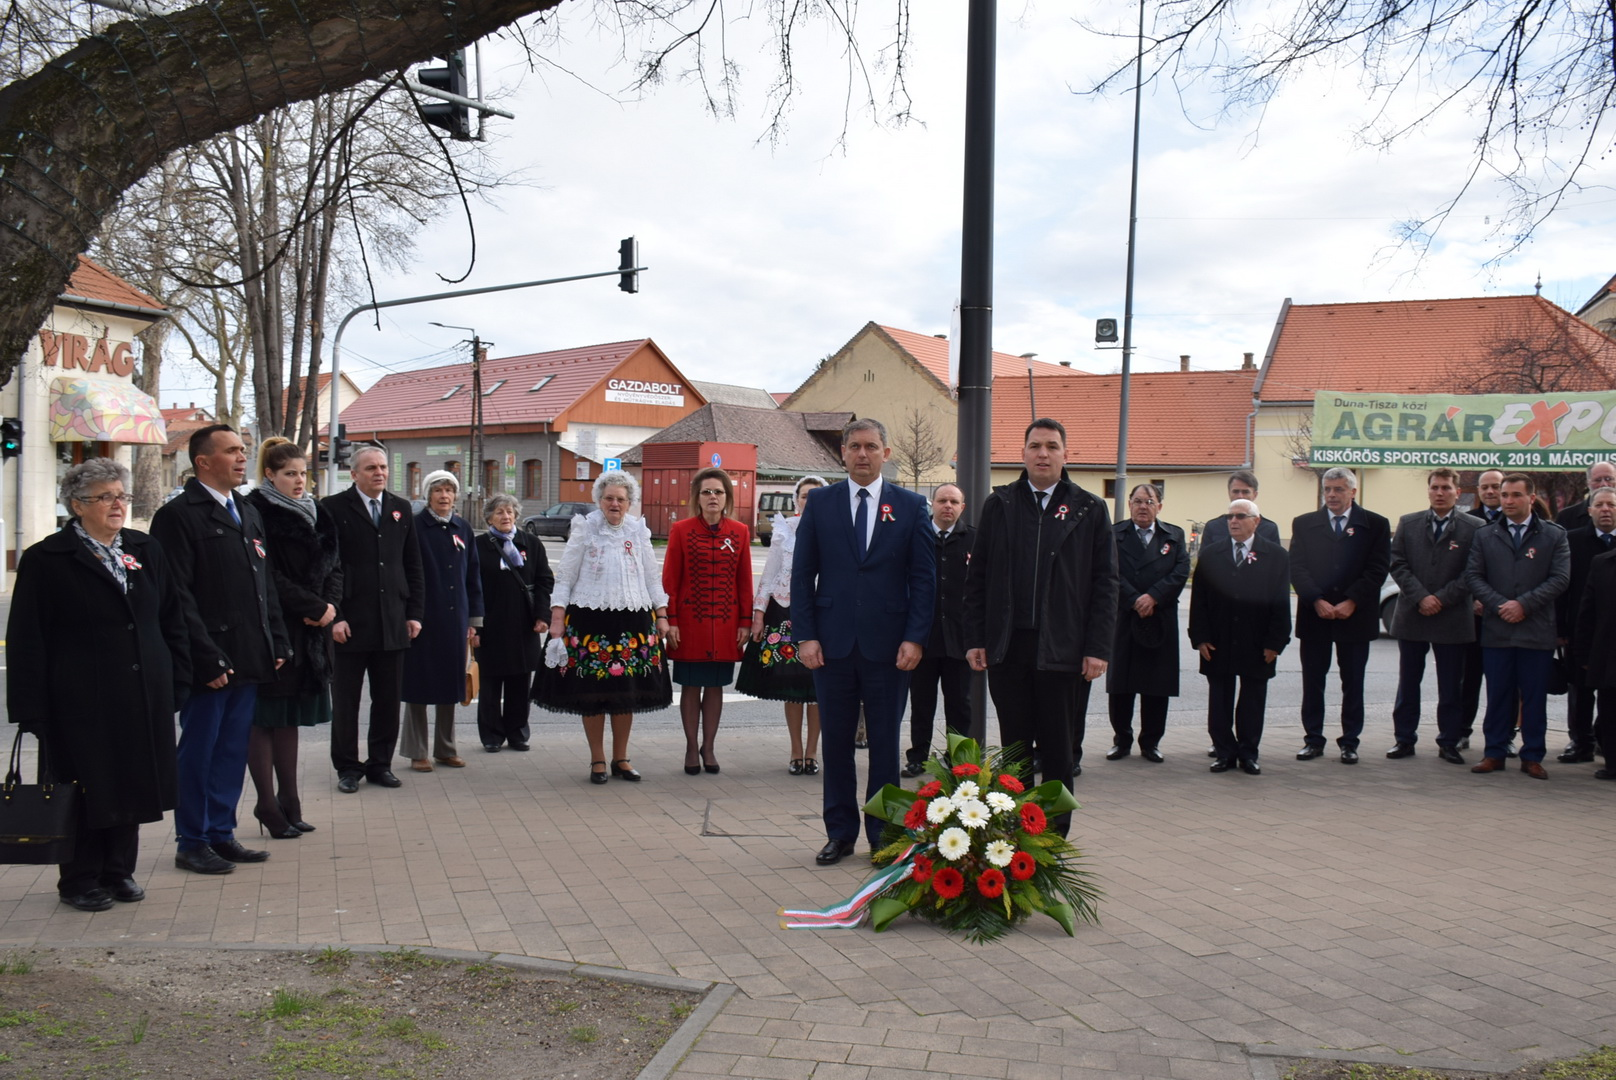 Városi elismerések átadása Kiskőrösön - 2019